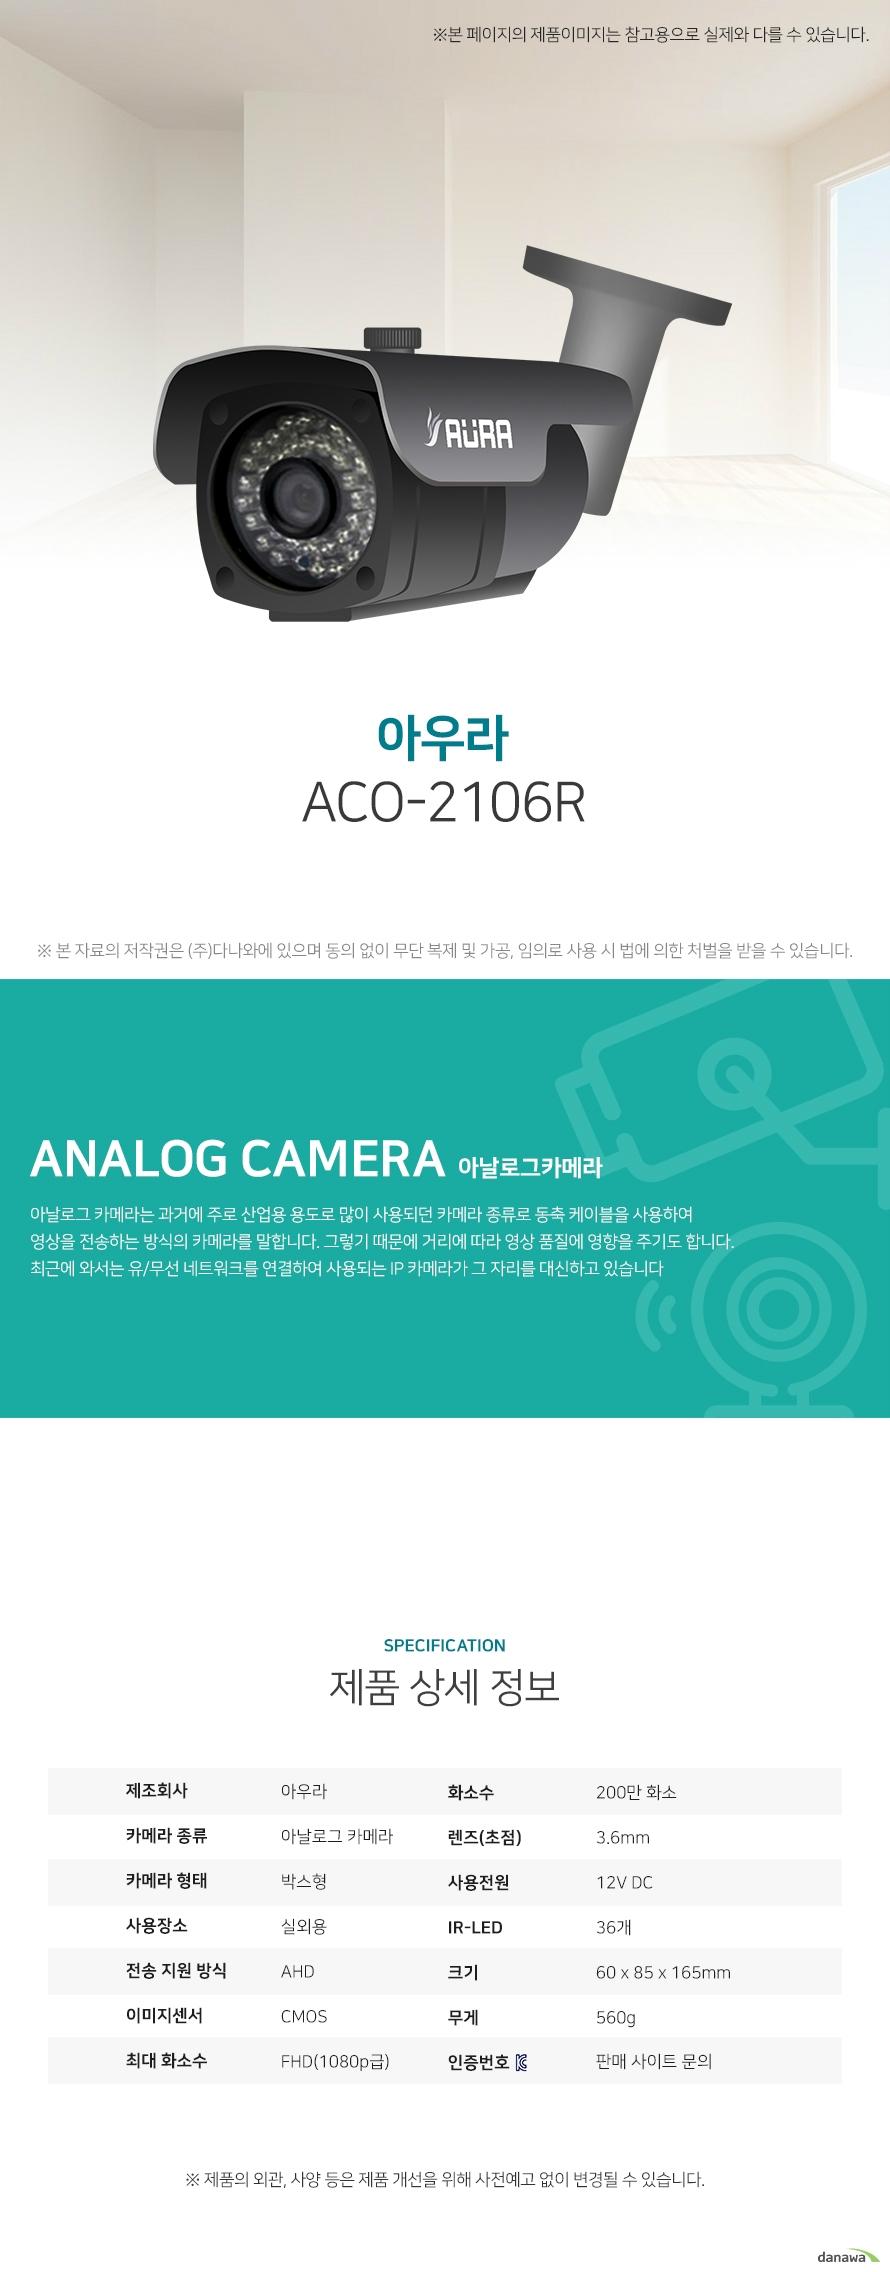 아우라 ACO-2106R 상세 스펙 아날로그 카메라 / 박스형 / 실외용 / AHD / CMOS / 200만화소 / FHD(1080p급) / 렌즈(초점): 3.6mm / 자동화이트밸런스 / AGC / 역광보정 / 야간(주간)자동전환 / 적외선LED / IR-LED: 36개 / 12V DC / 크기: 60 x 85 x 165mm / 무게: 560g